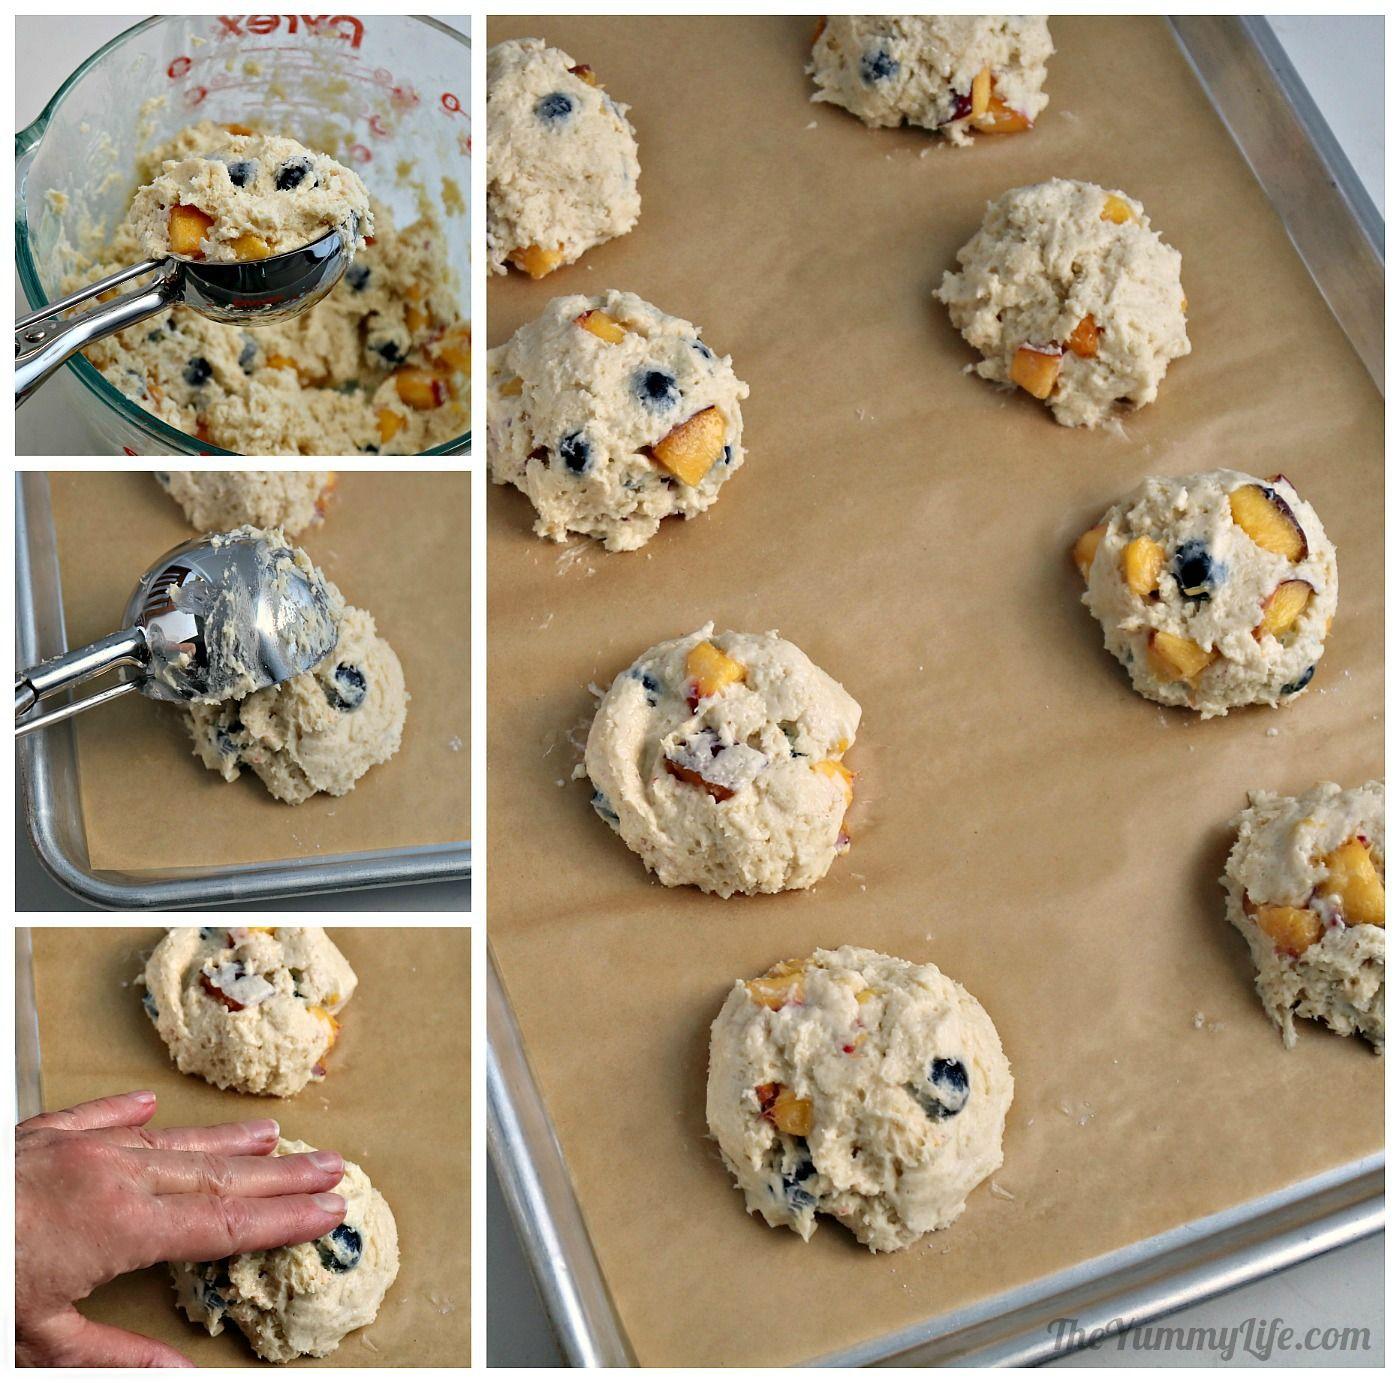 5_collage_dough_on_pan.jpg